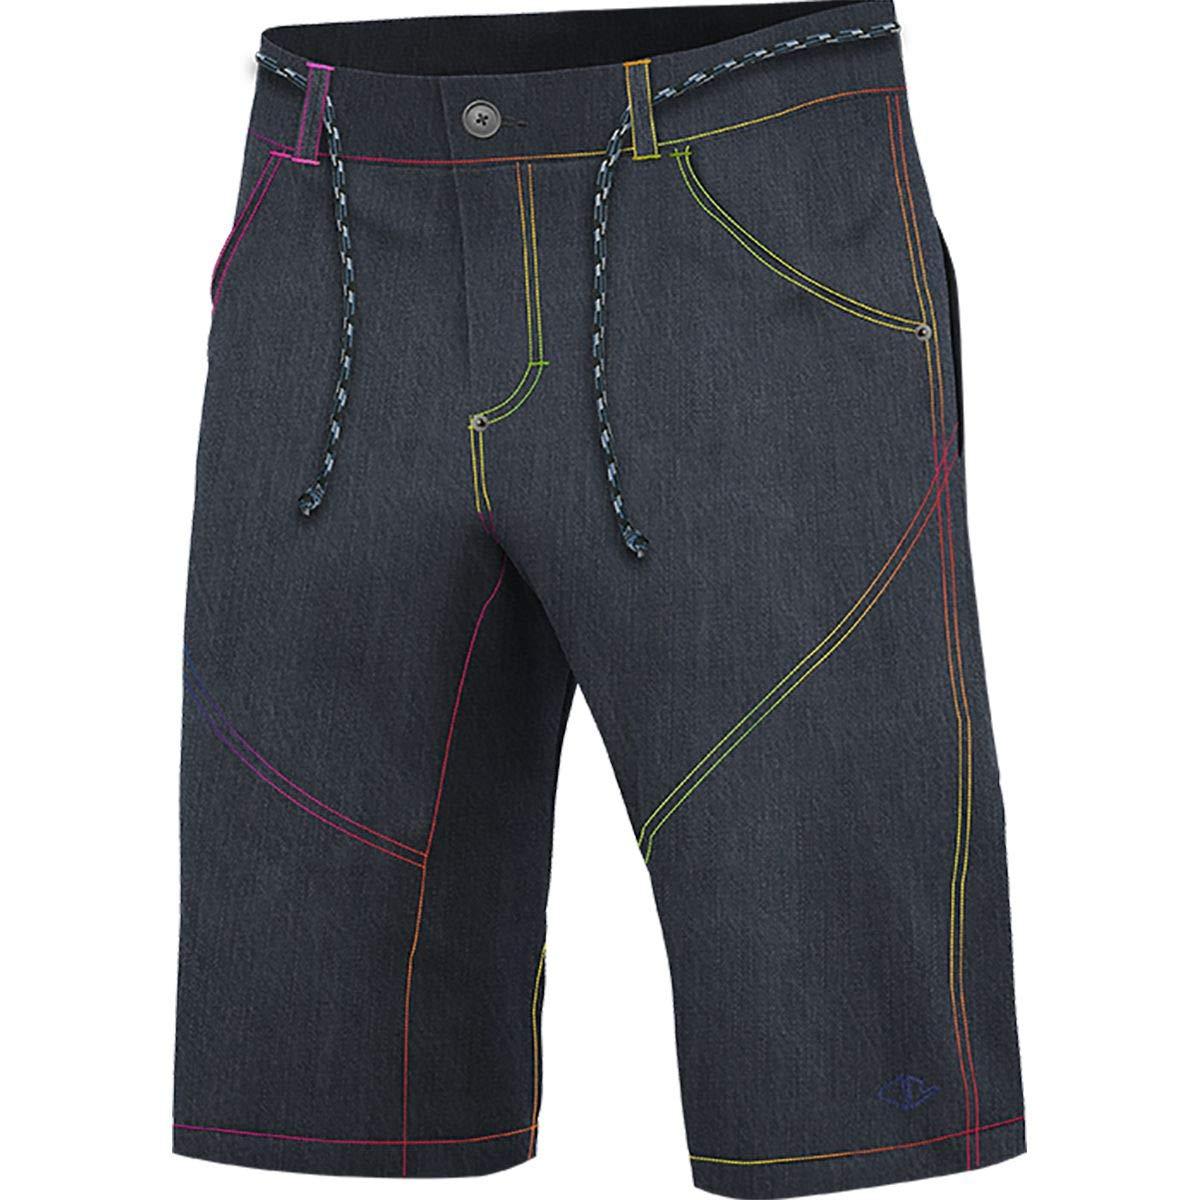 CRAZY IDEA Herren Mythos Shorts Pants Kurze Hose